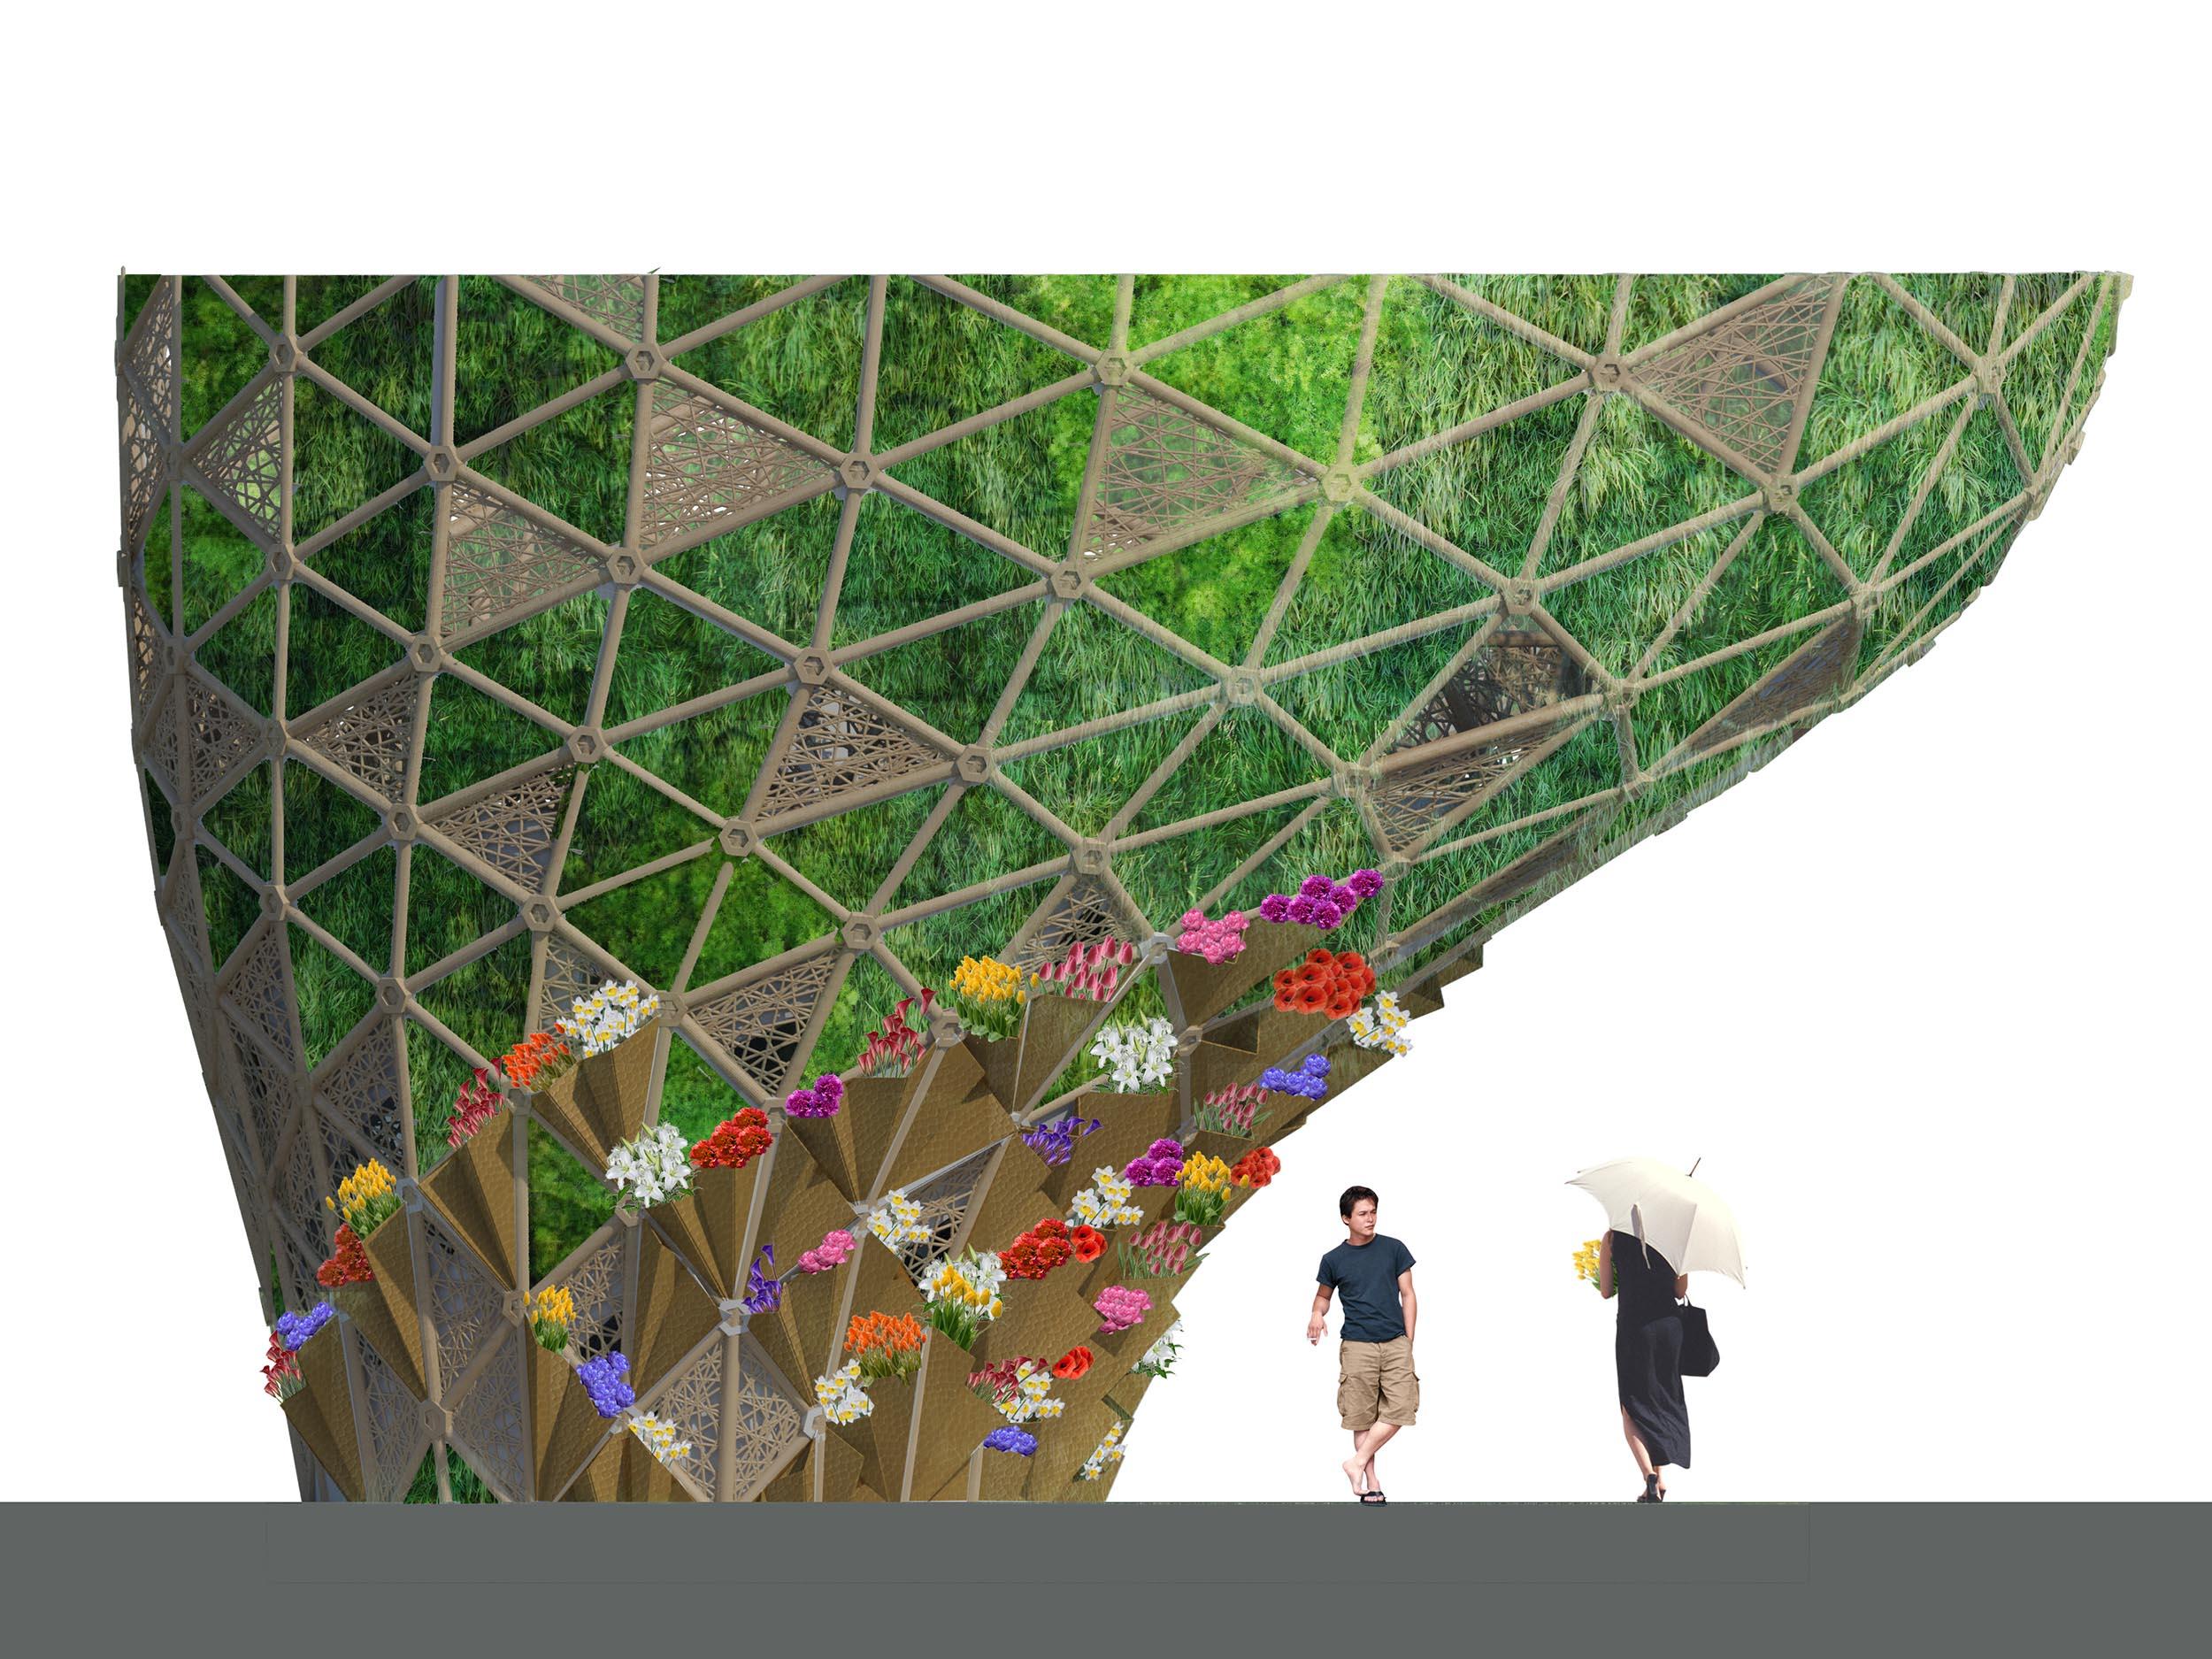 171025_Flower_Shop_Elevation LR.jpg